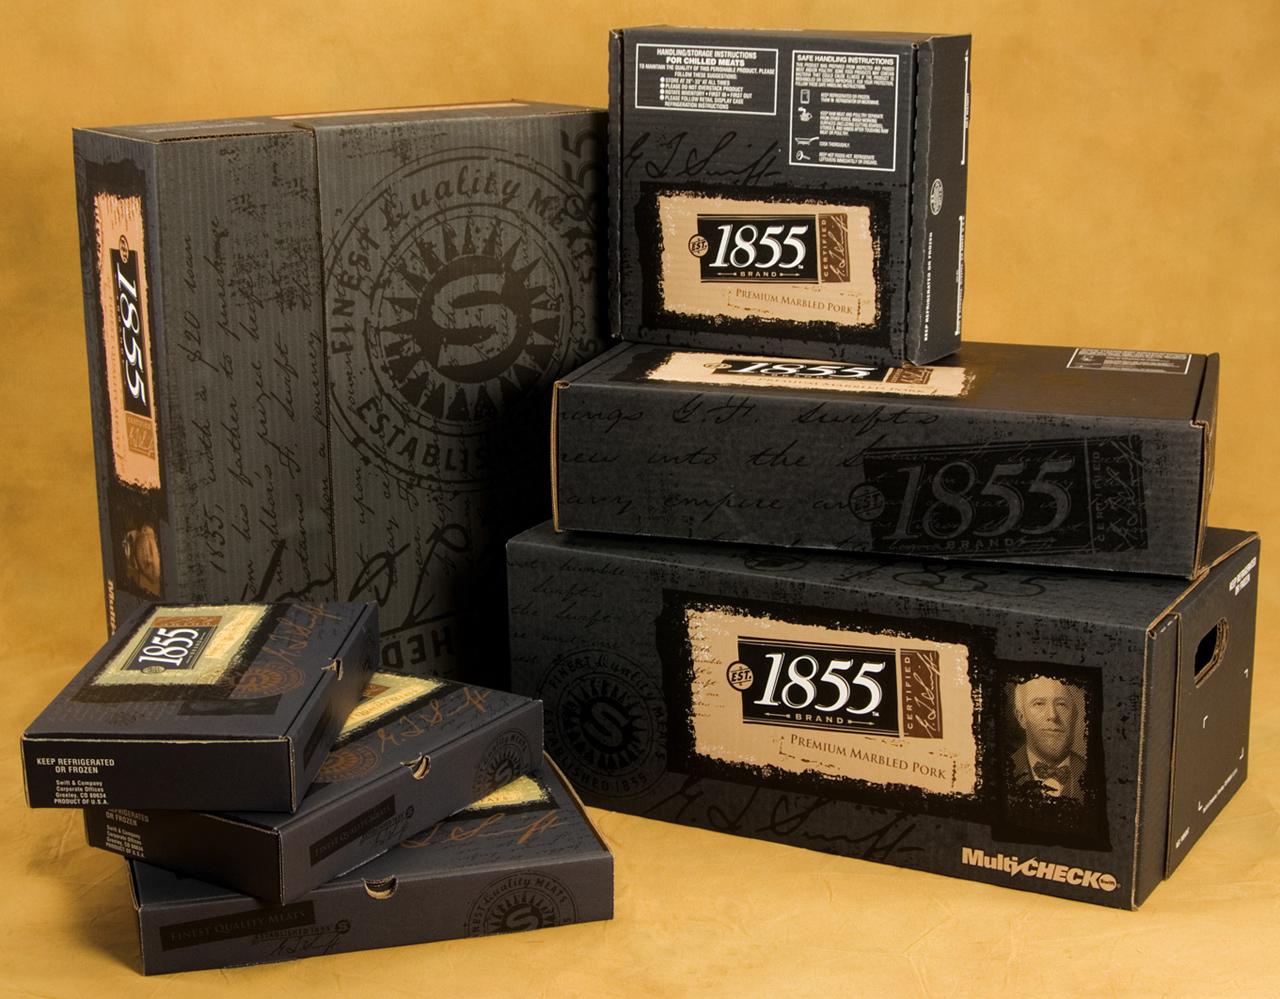 box4 rgb 1280